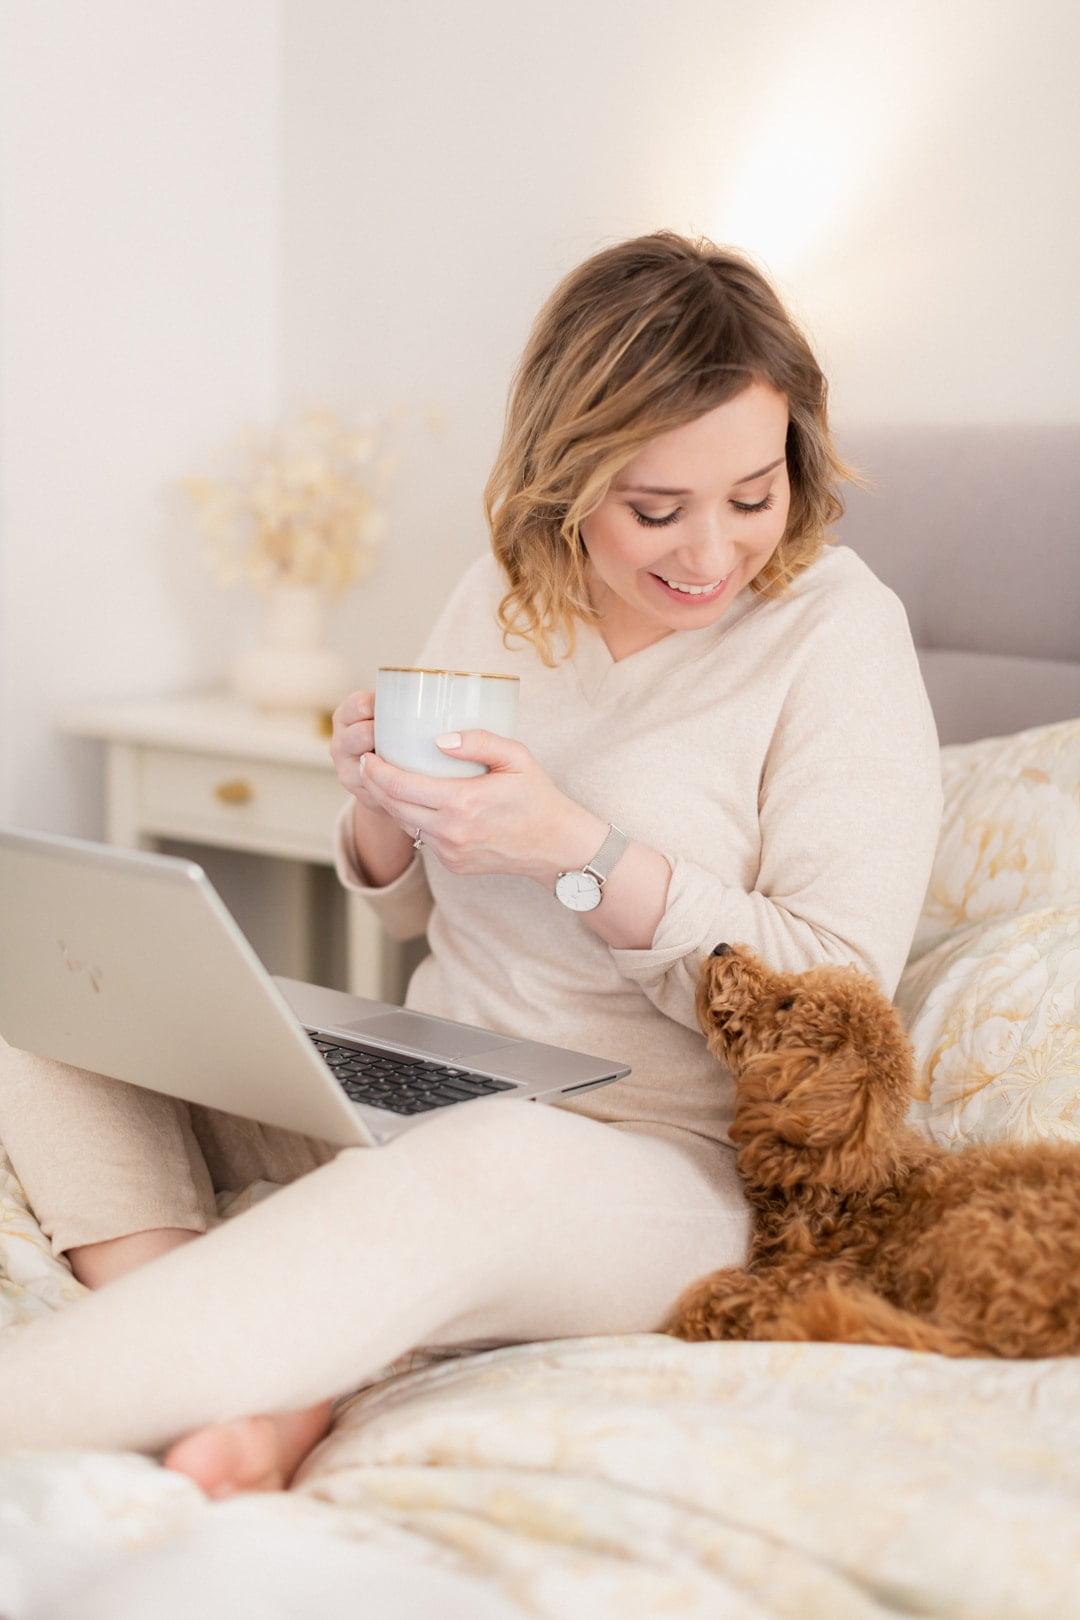 kurs konsultant ślubny online